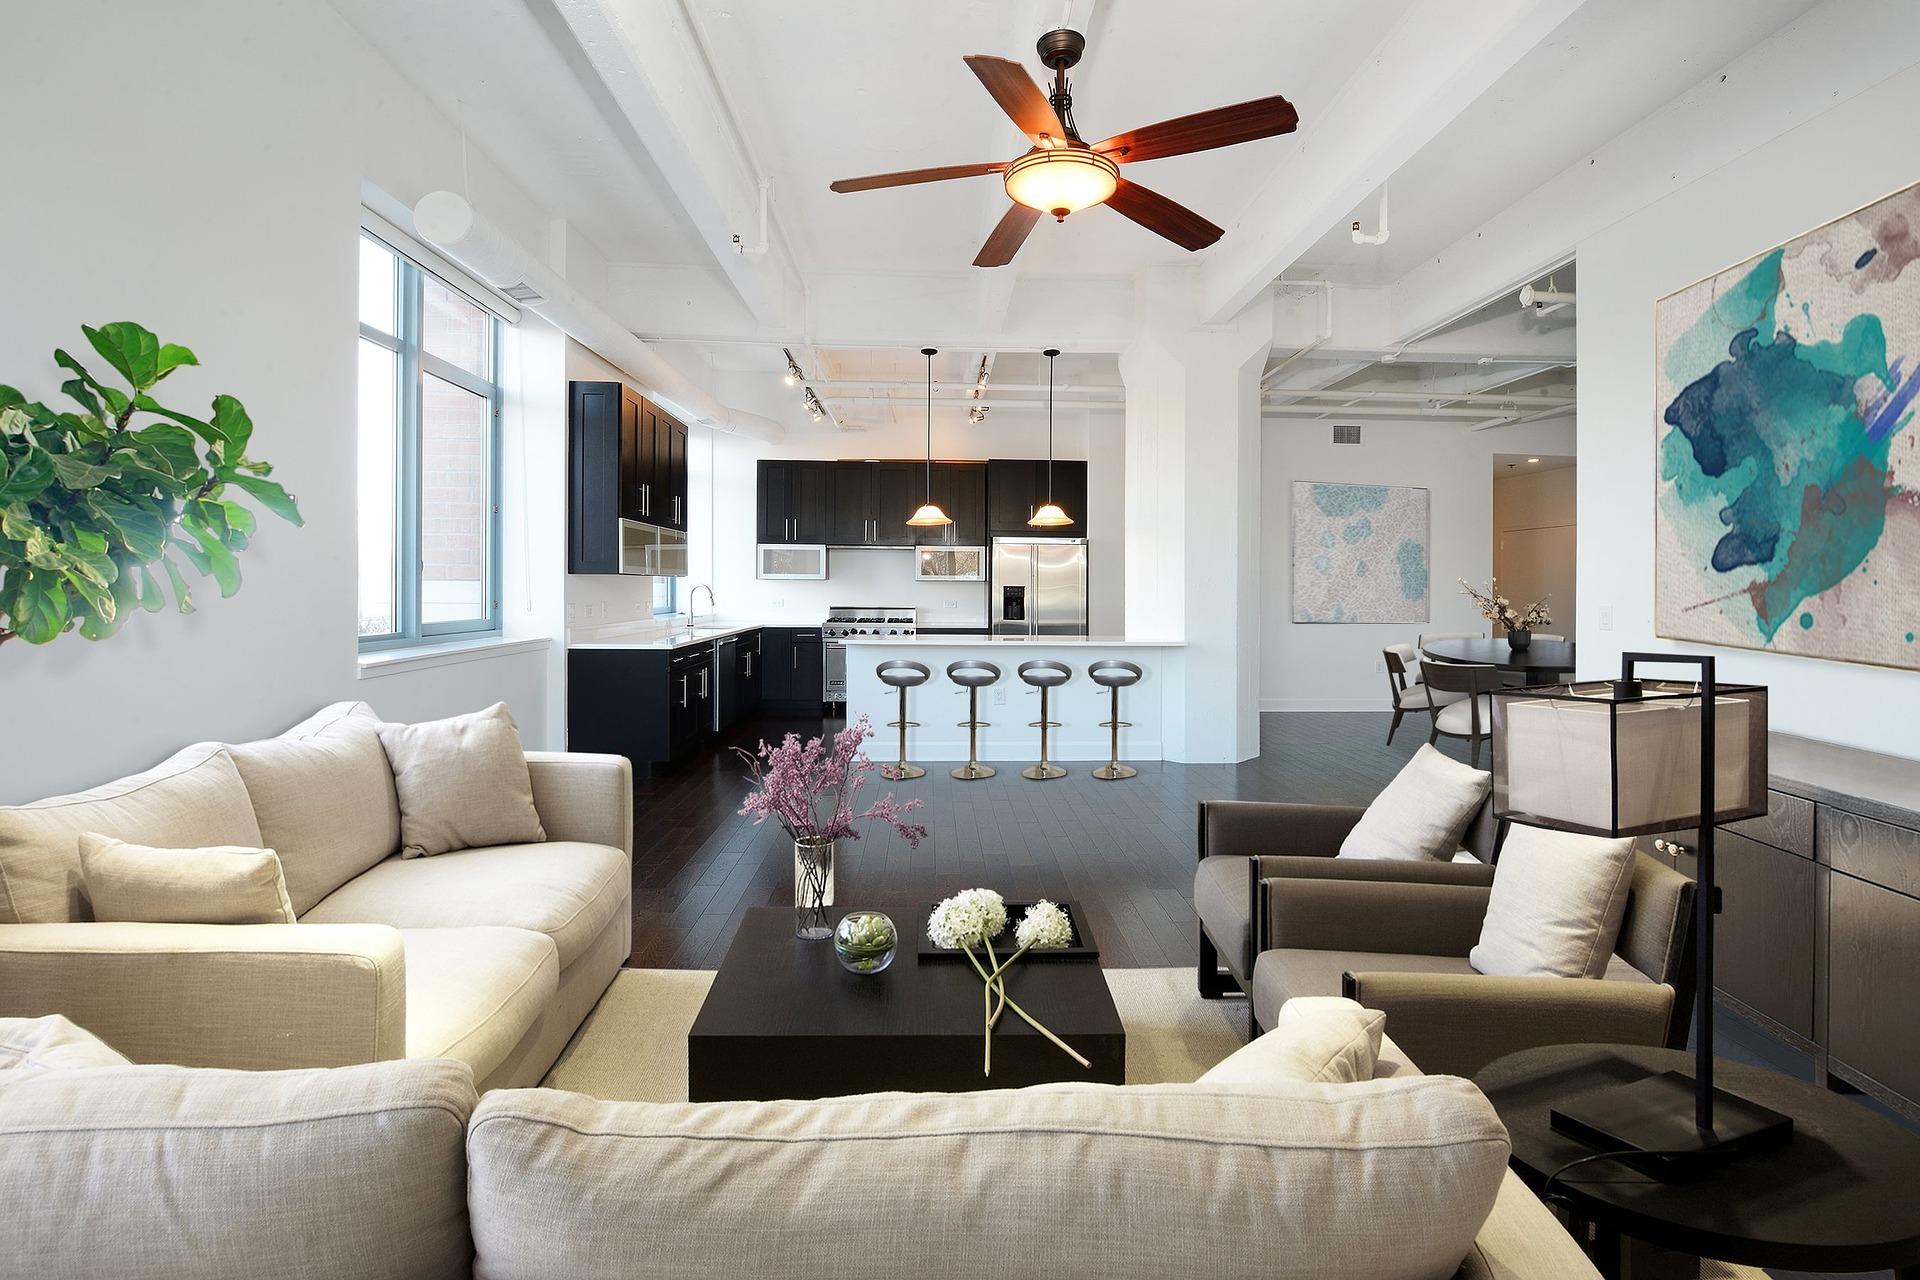 jak-bezpiecznie-kupic-mieszkanie-2021